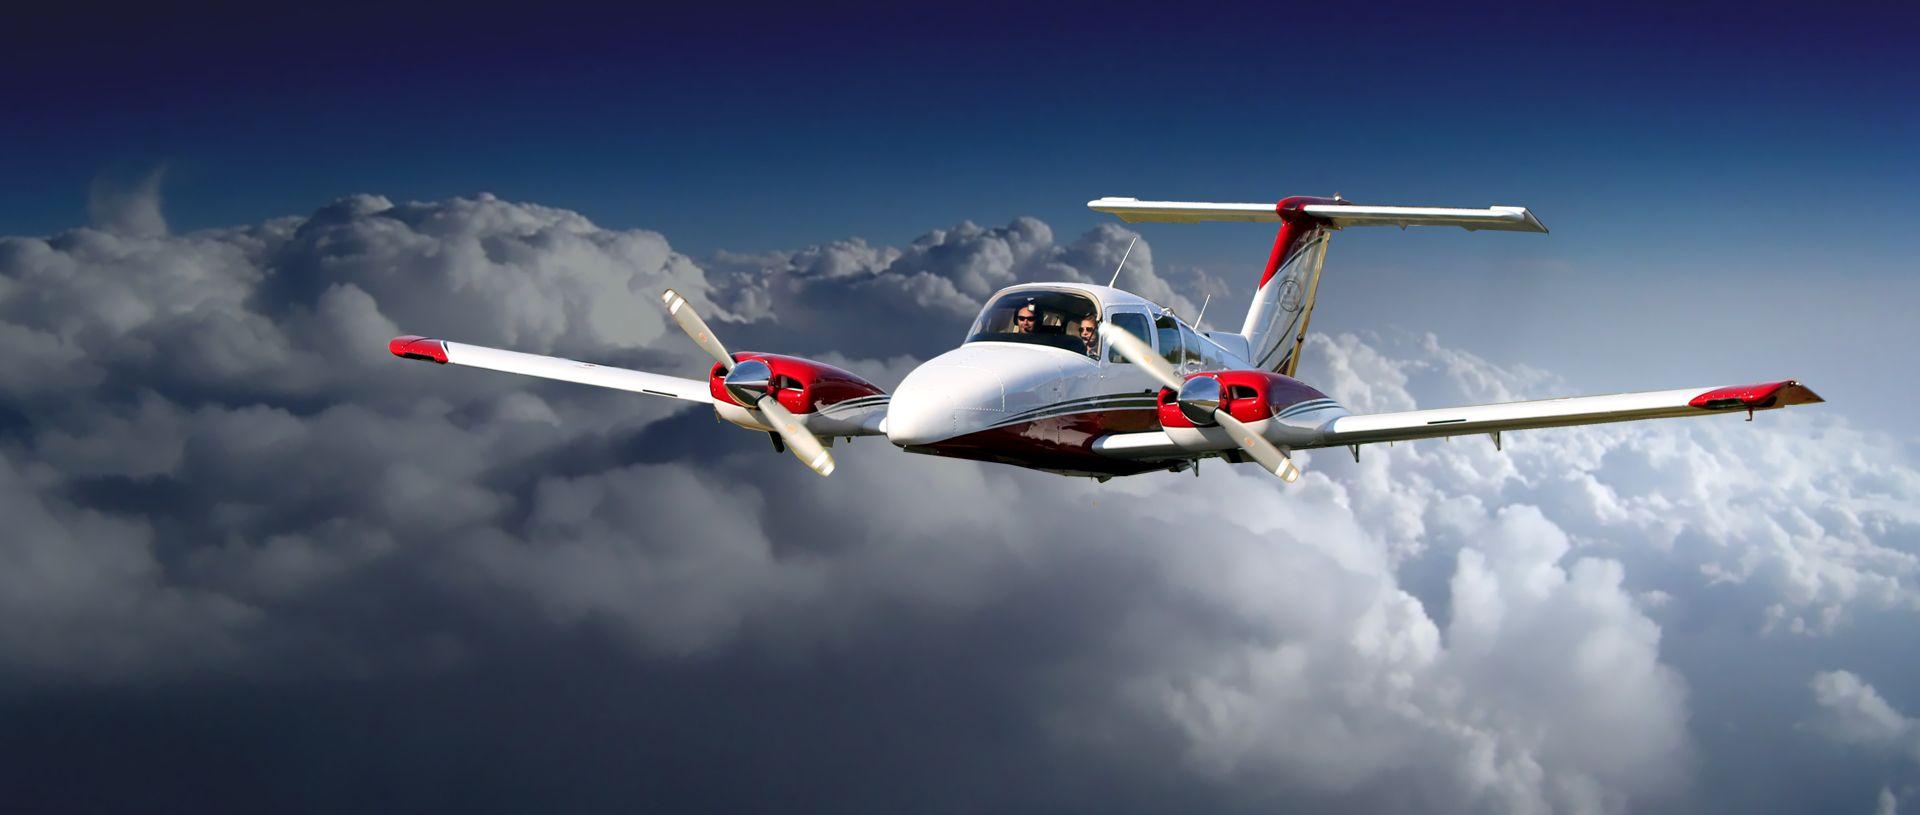 Beechcraft Duchess airplane over clouds